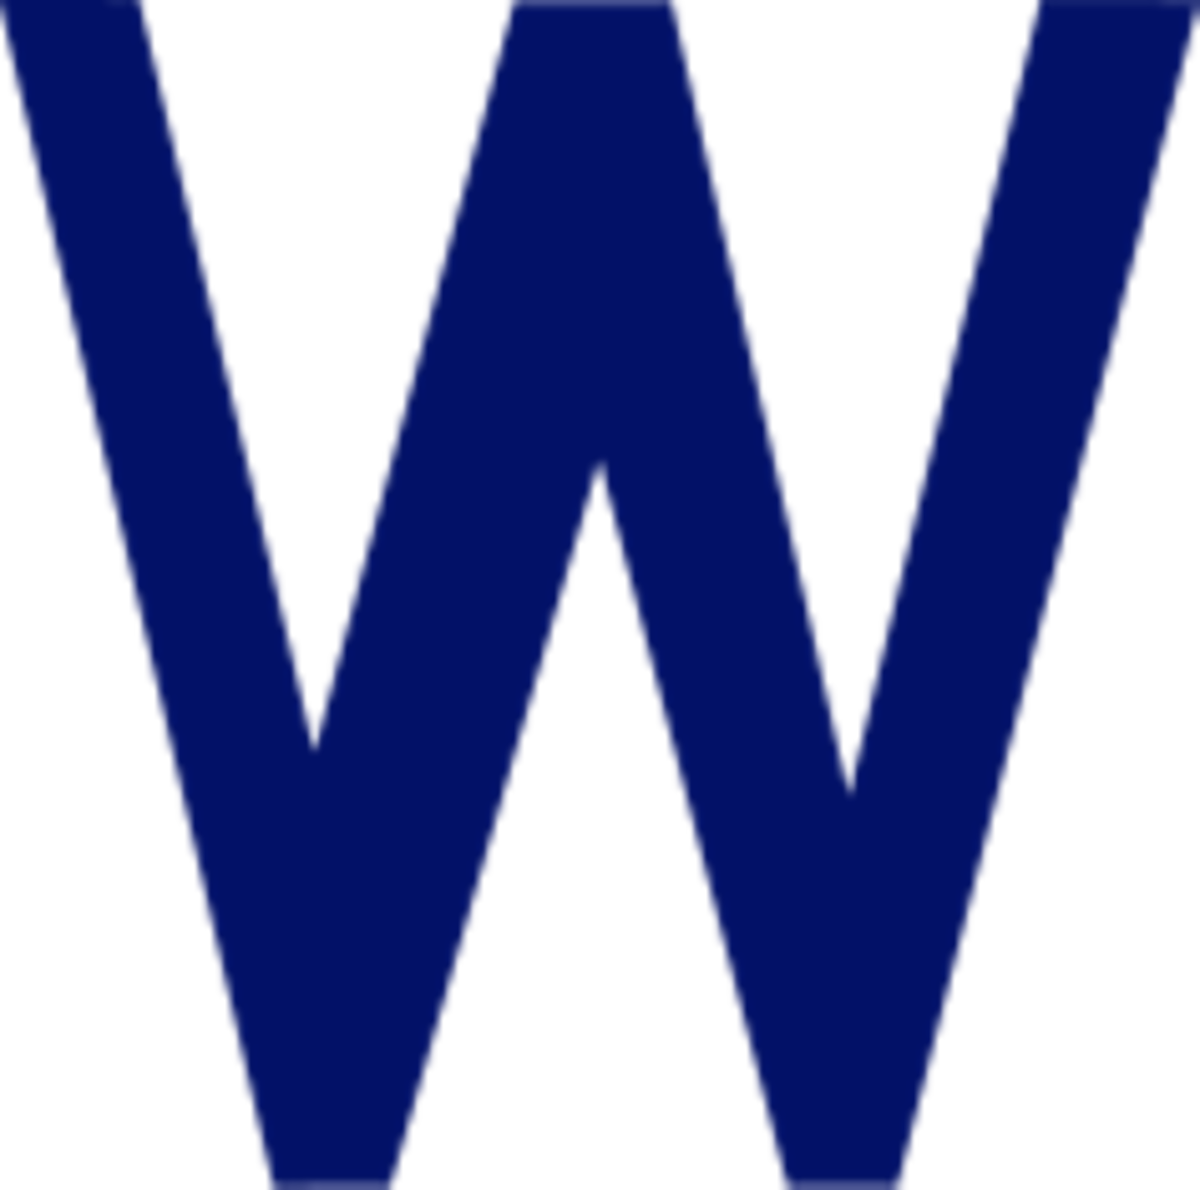 Washington Senators (original; 1901-1960)